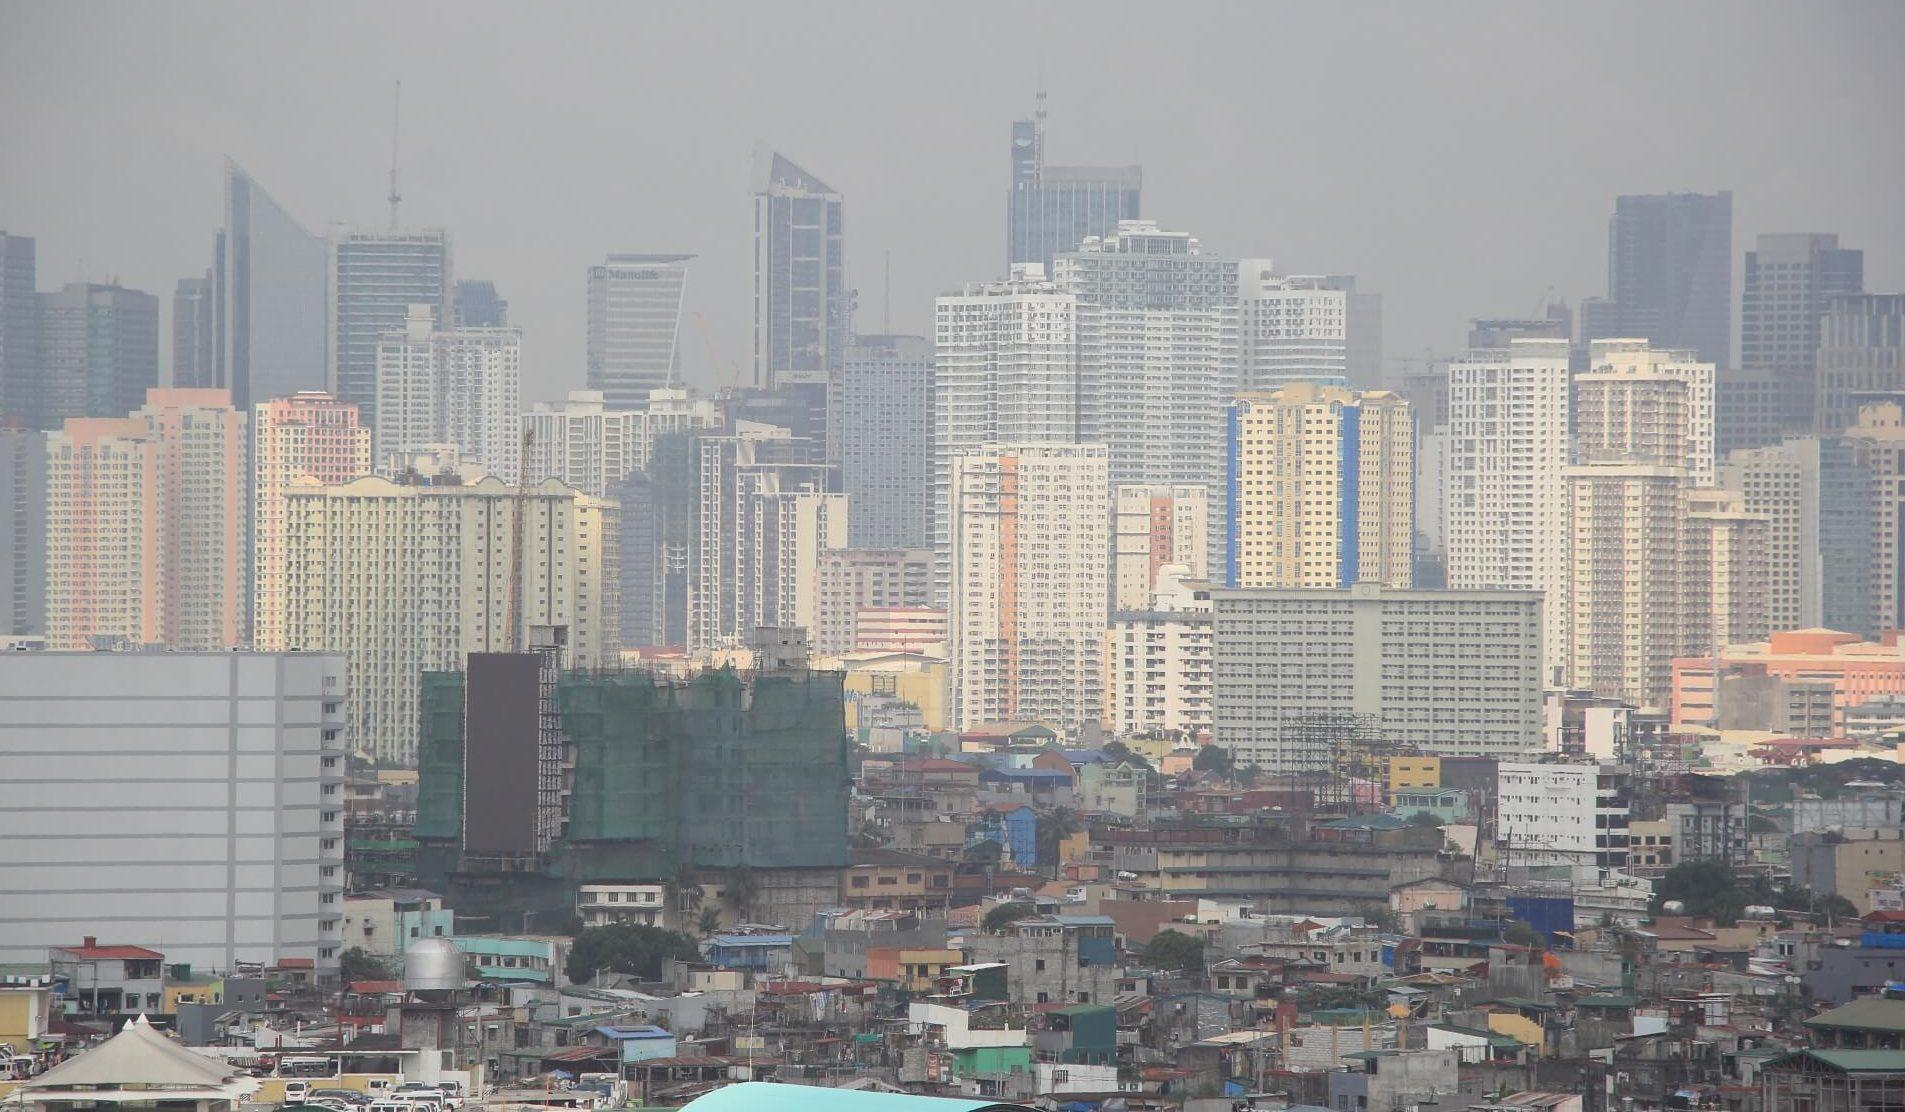 フィリピンの経済&消費傾向【2019年版】| JETROマニラ事務所アドバイザーインタビュー